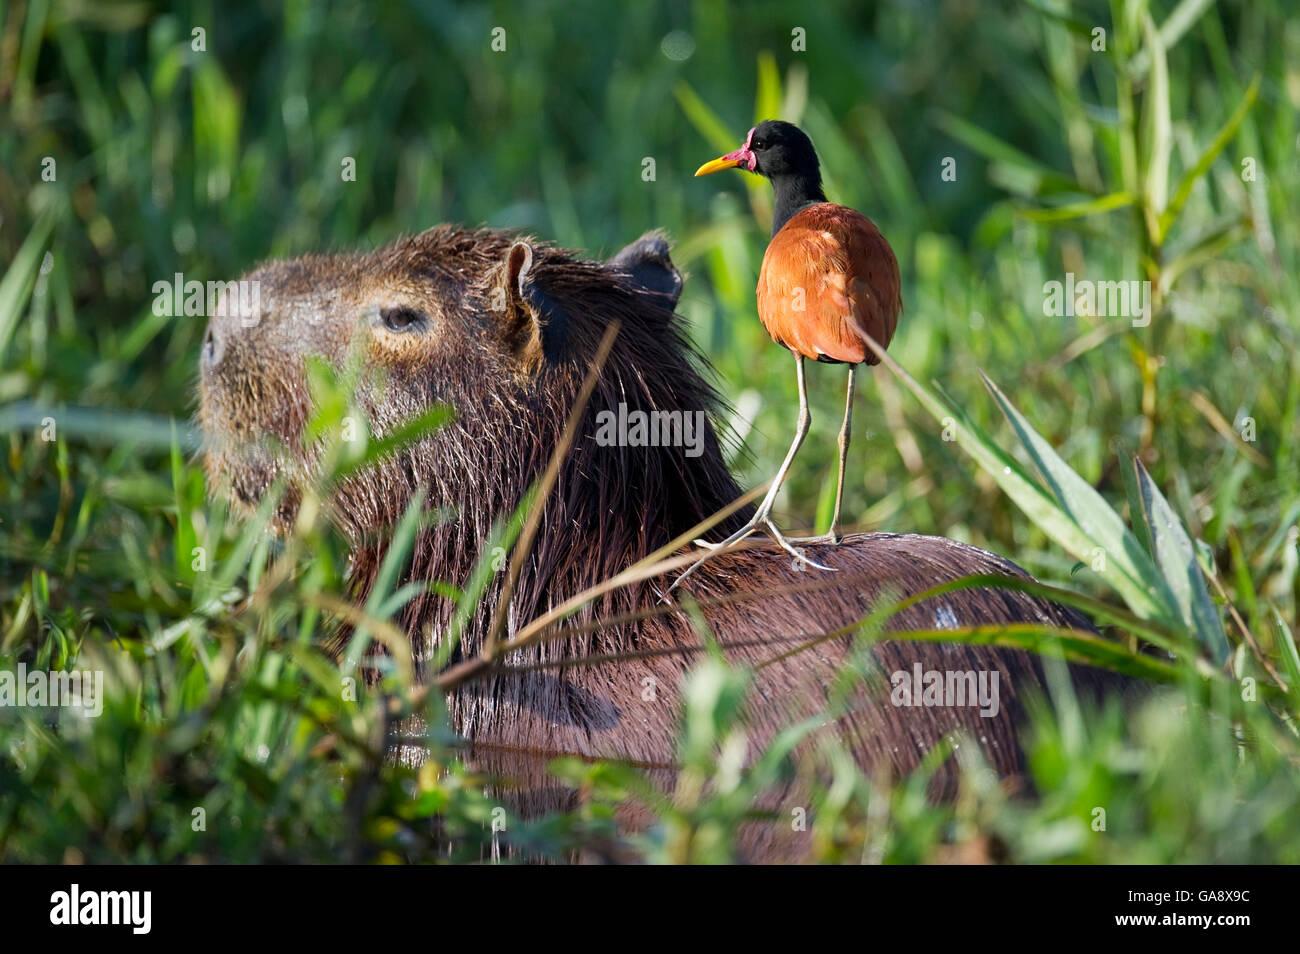 Wattled Jacana (Jacana jacana) perched on resting Capybara (Hydrochoerus hydrochaeris)  Mato Grosso, Pantanal, Brazil. Stock Photo